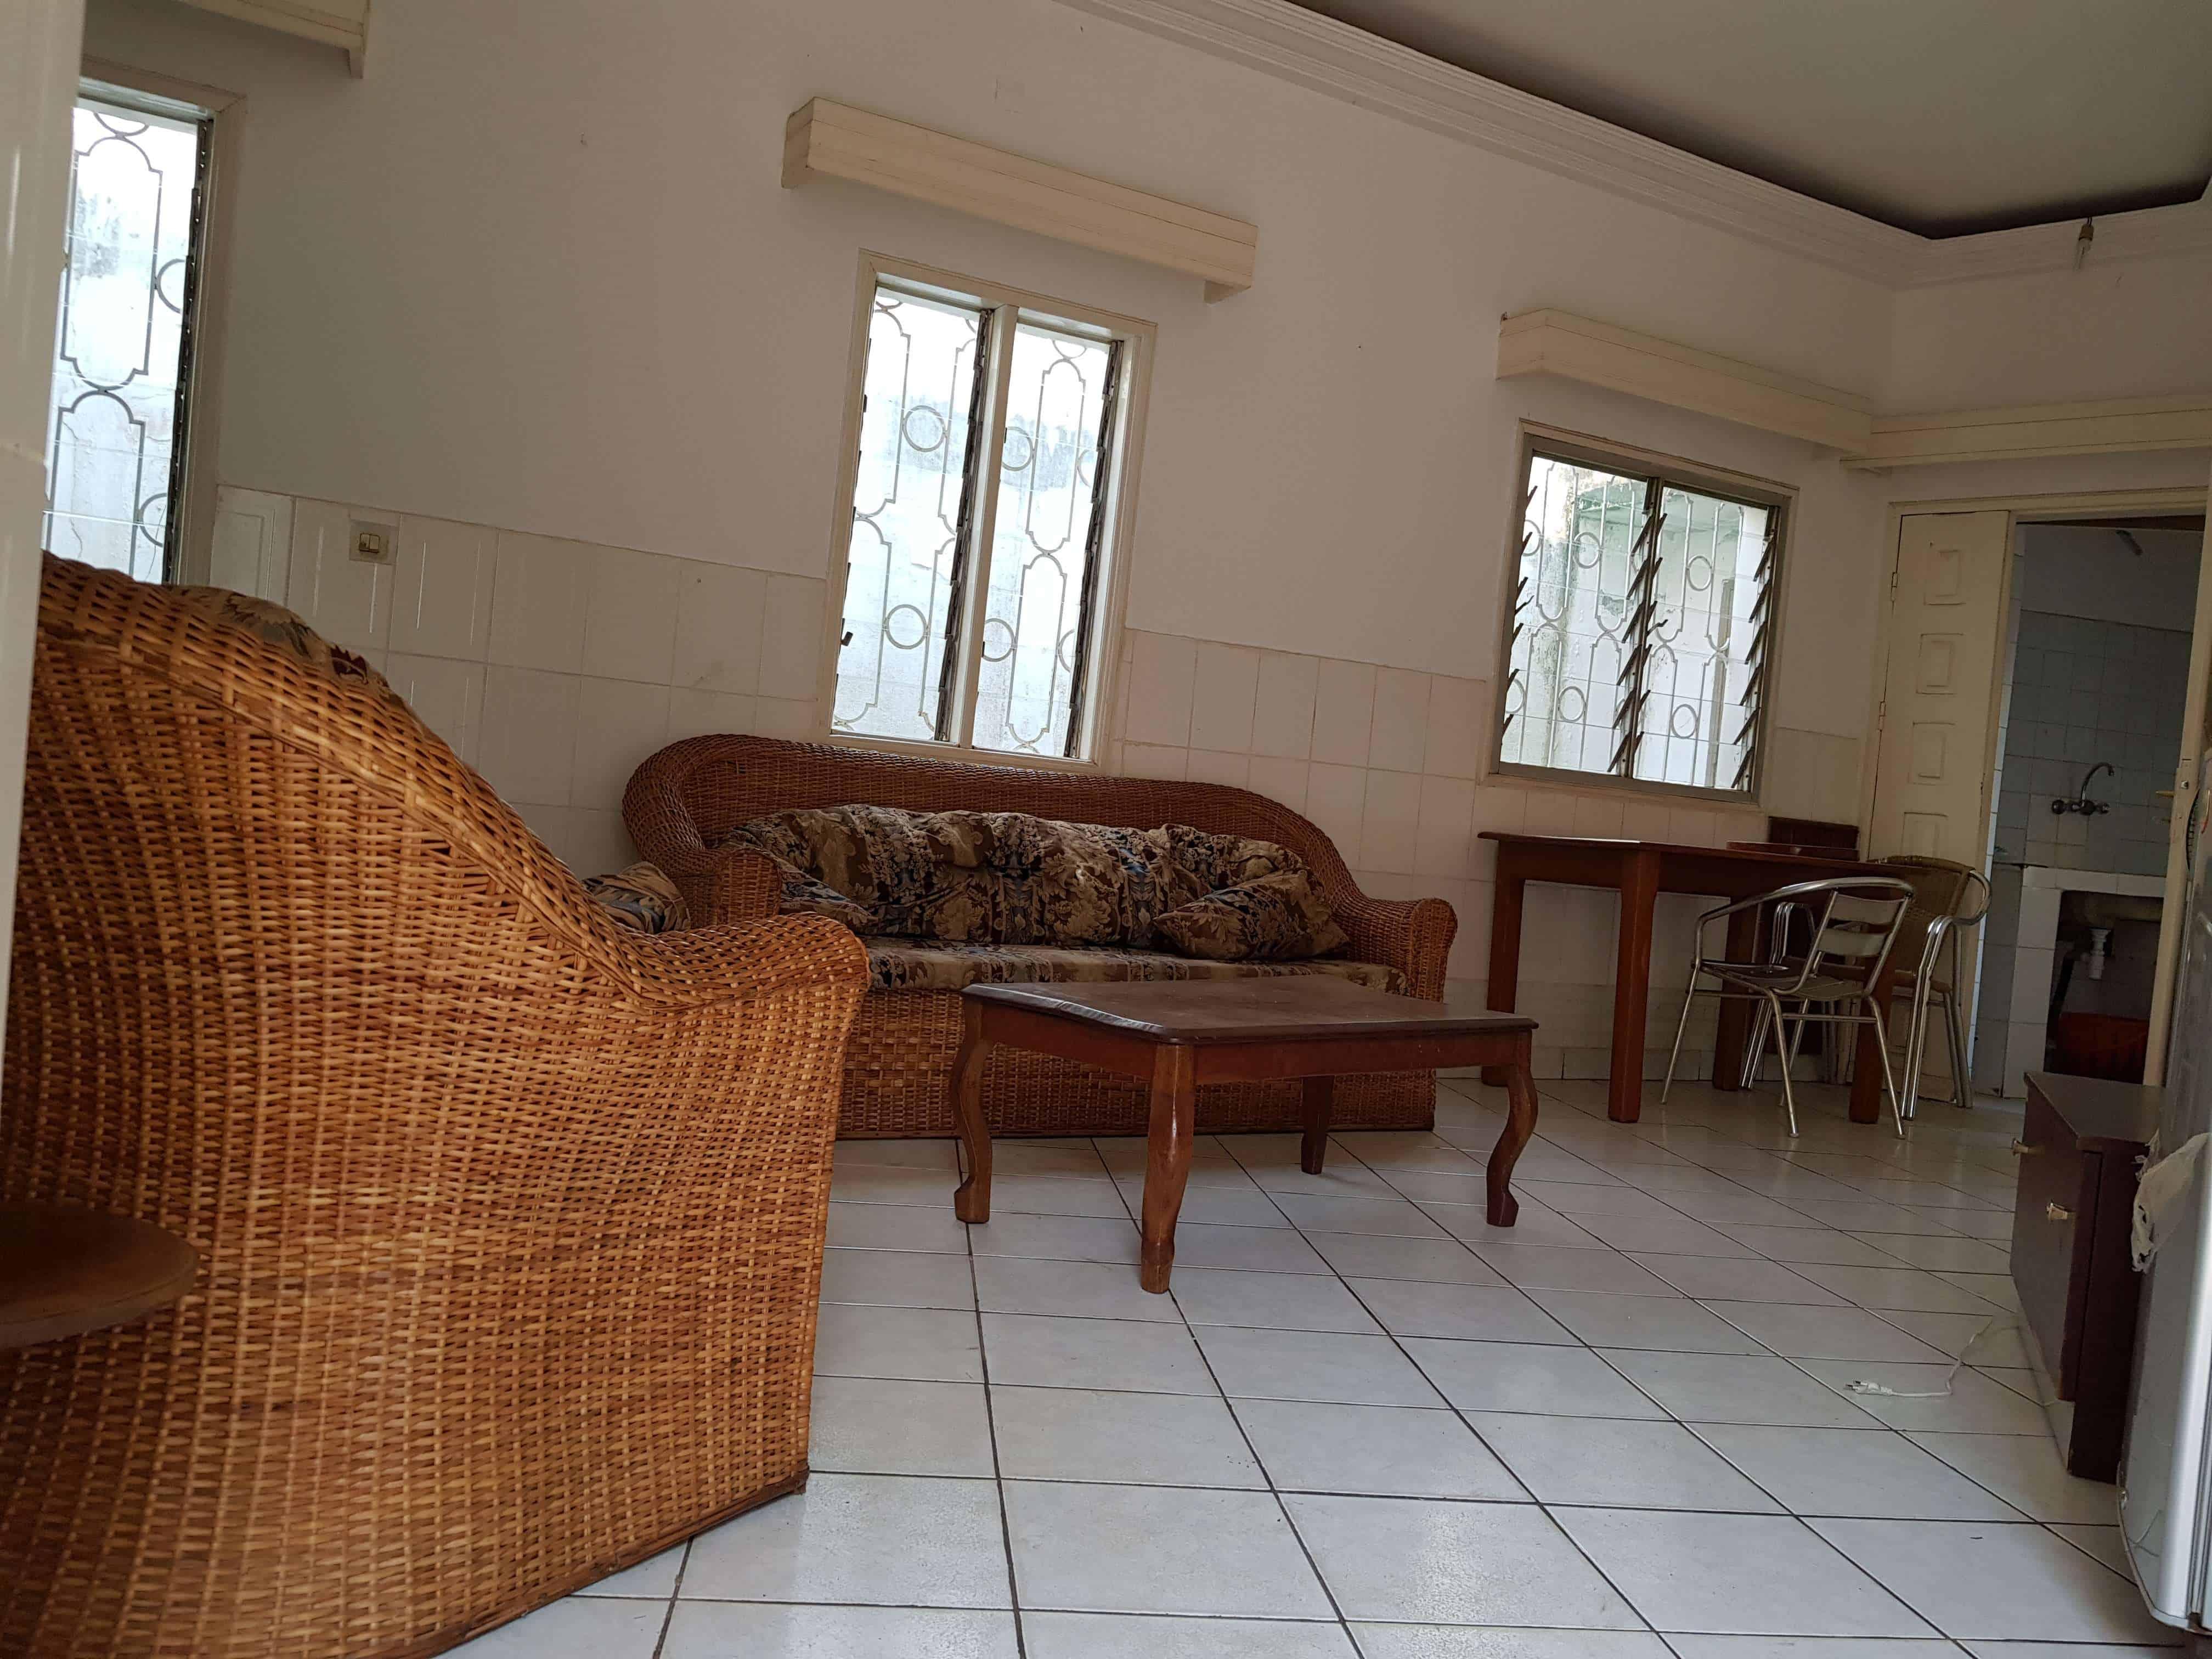 Appartement à louer - Yaoundé, Bastos, Eglise Orthodoxe - 1 salon(s), 1 chambre(s), 1 salle(s) de bains - 350 000 FCFA / mois